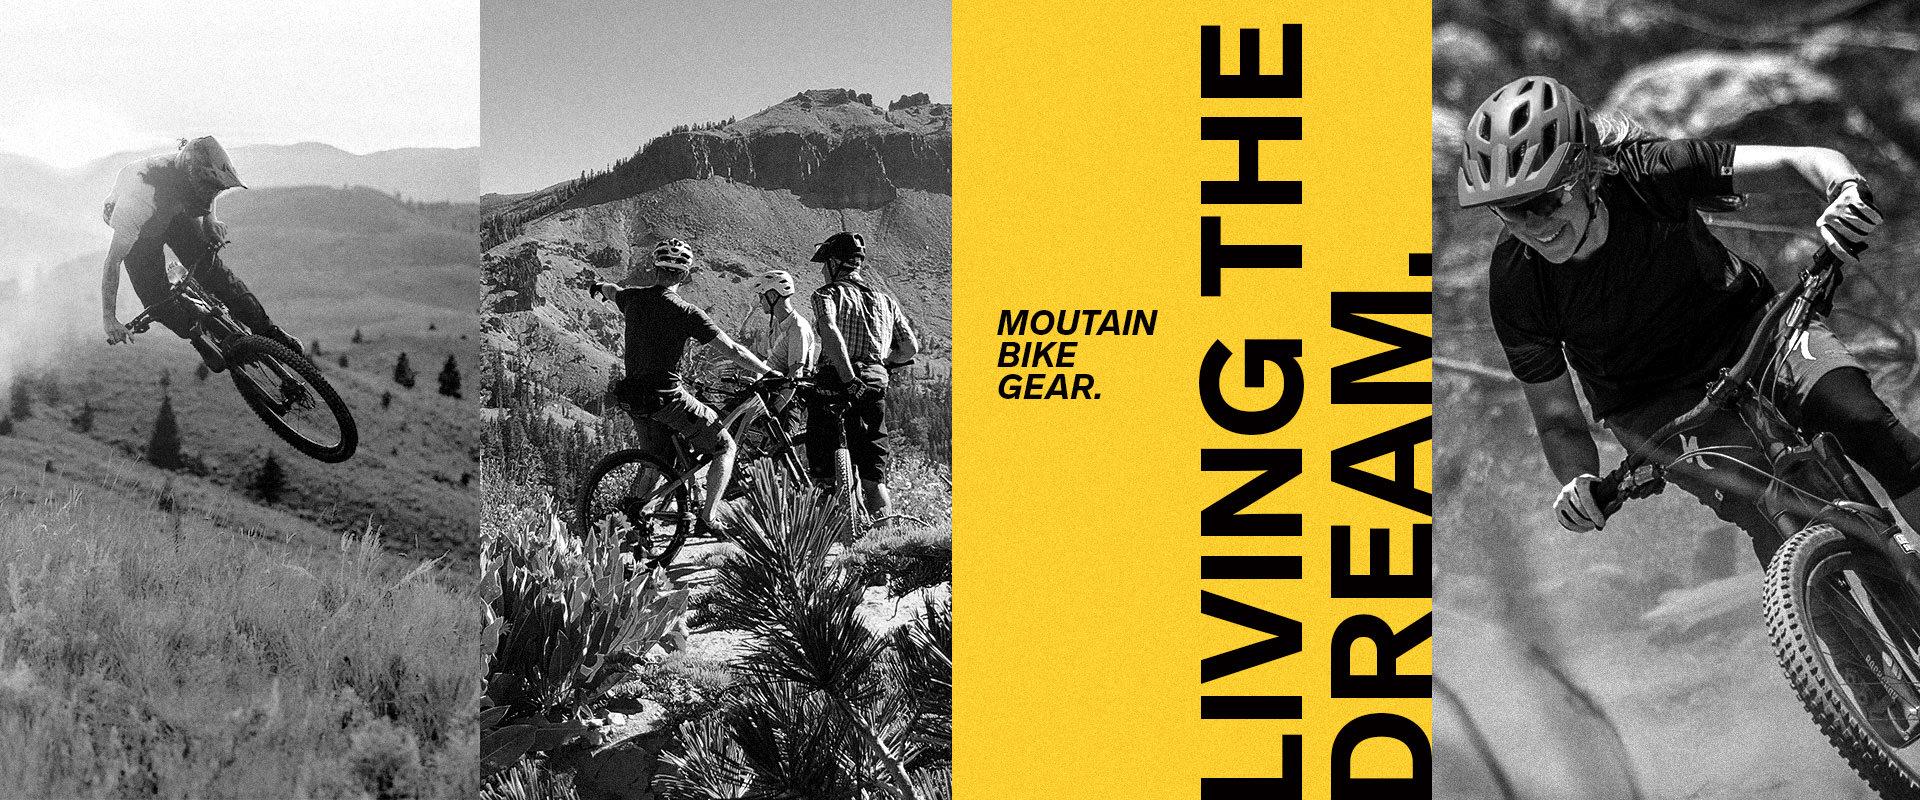 Pacos Mountain Bike Gear